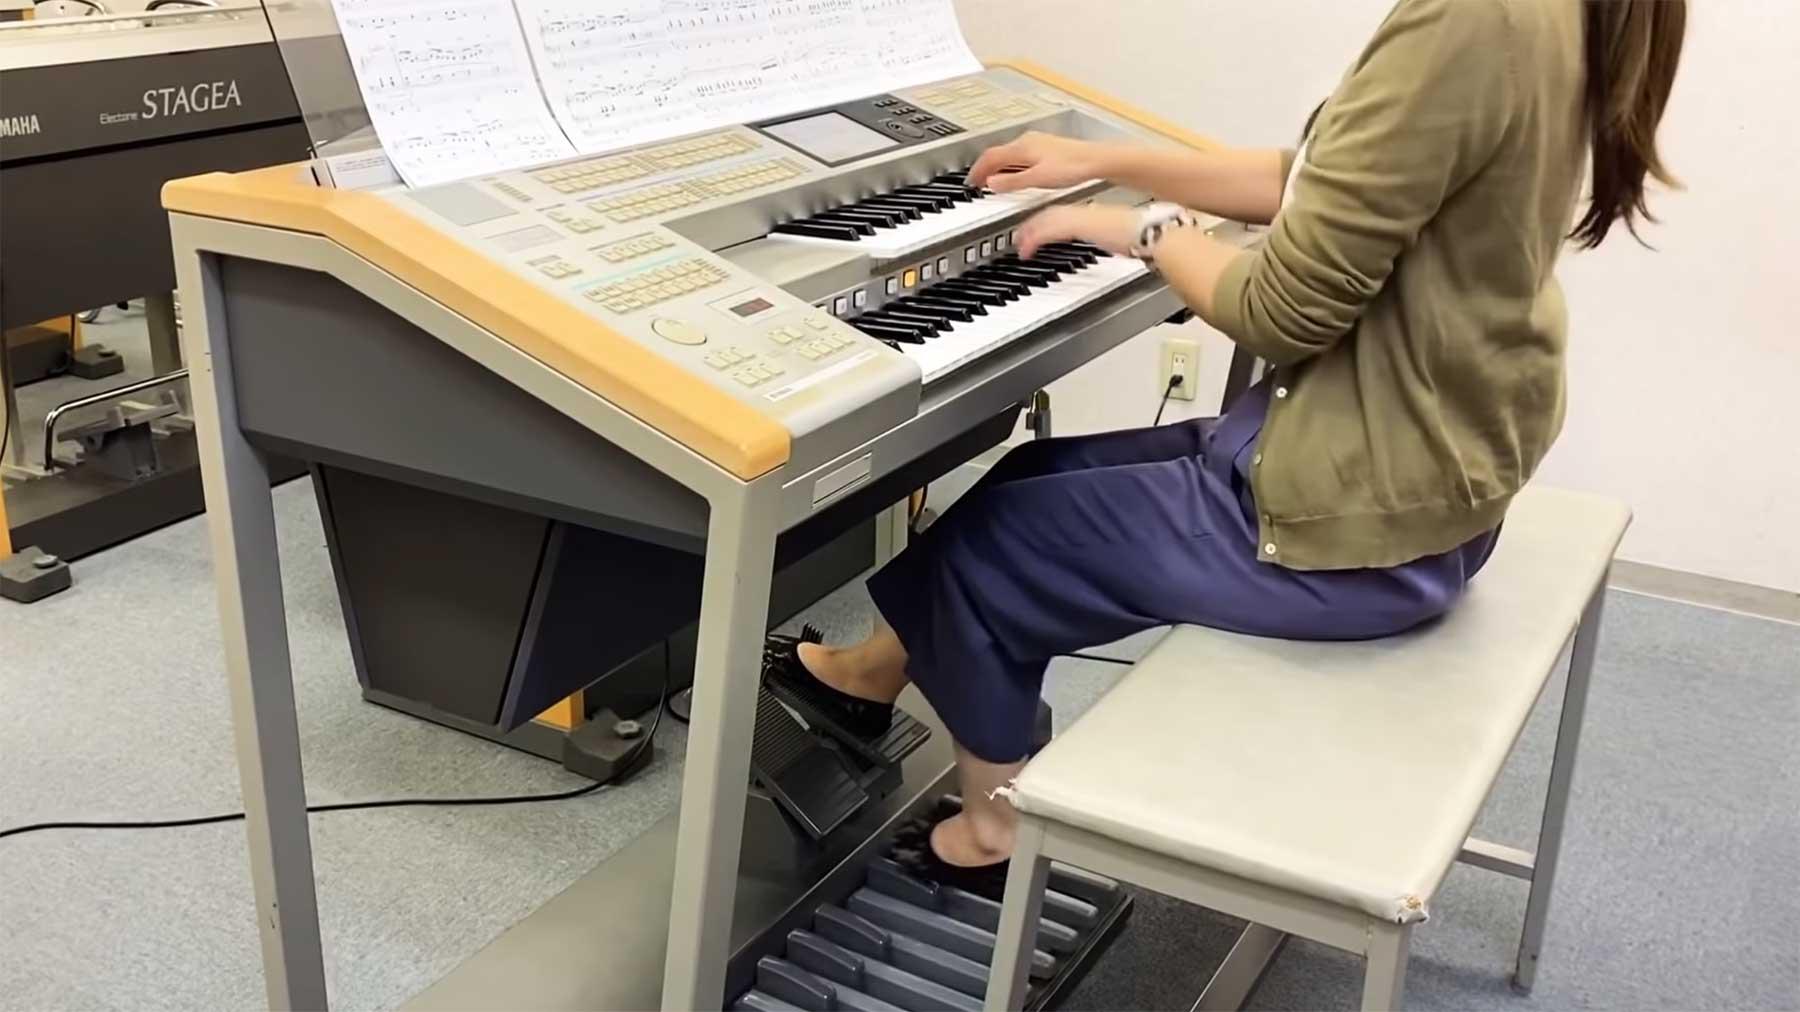 Ganzes Orchester auf einer elektrischen Orgel gespielt keyboard-ganzes-orchester